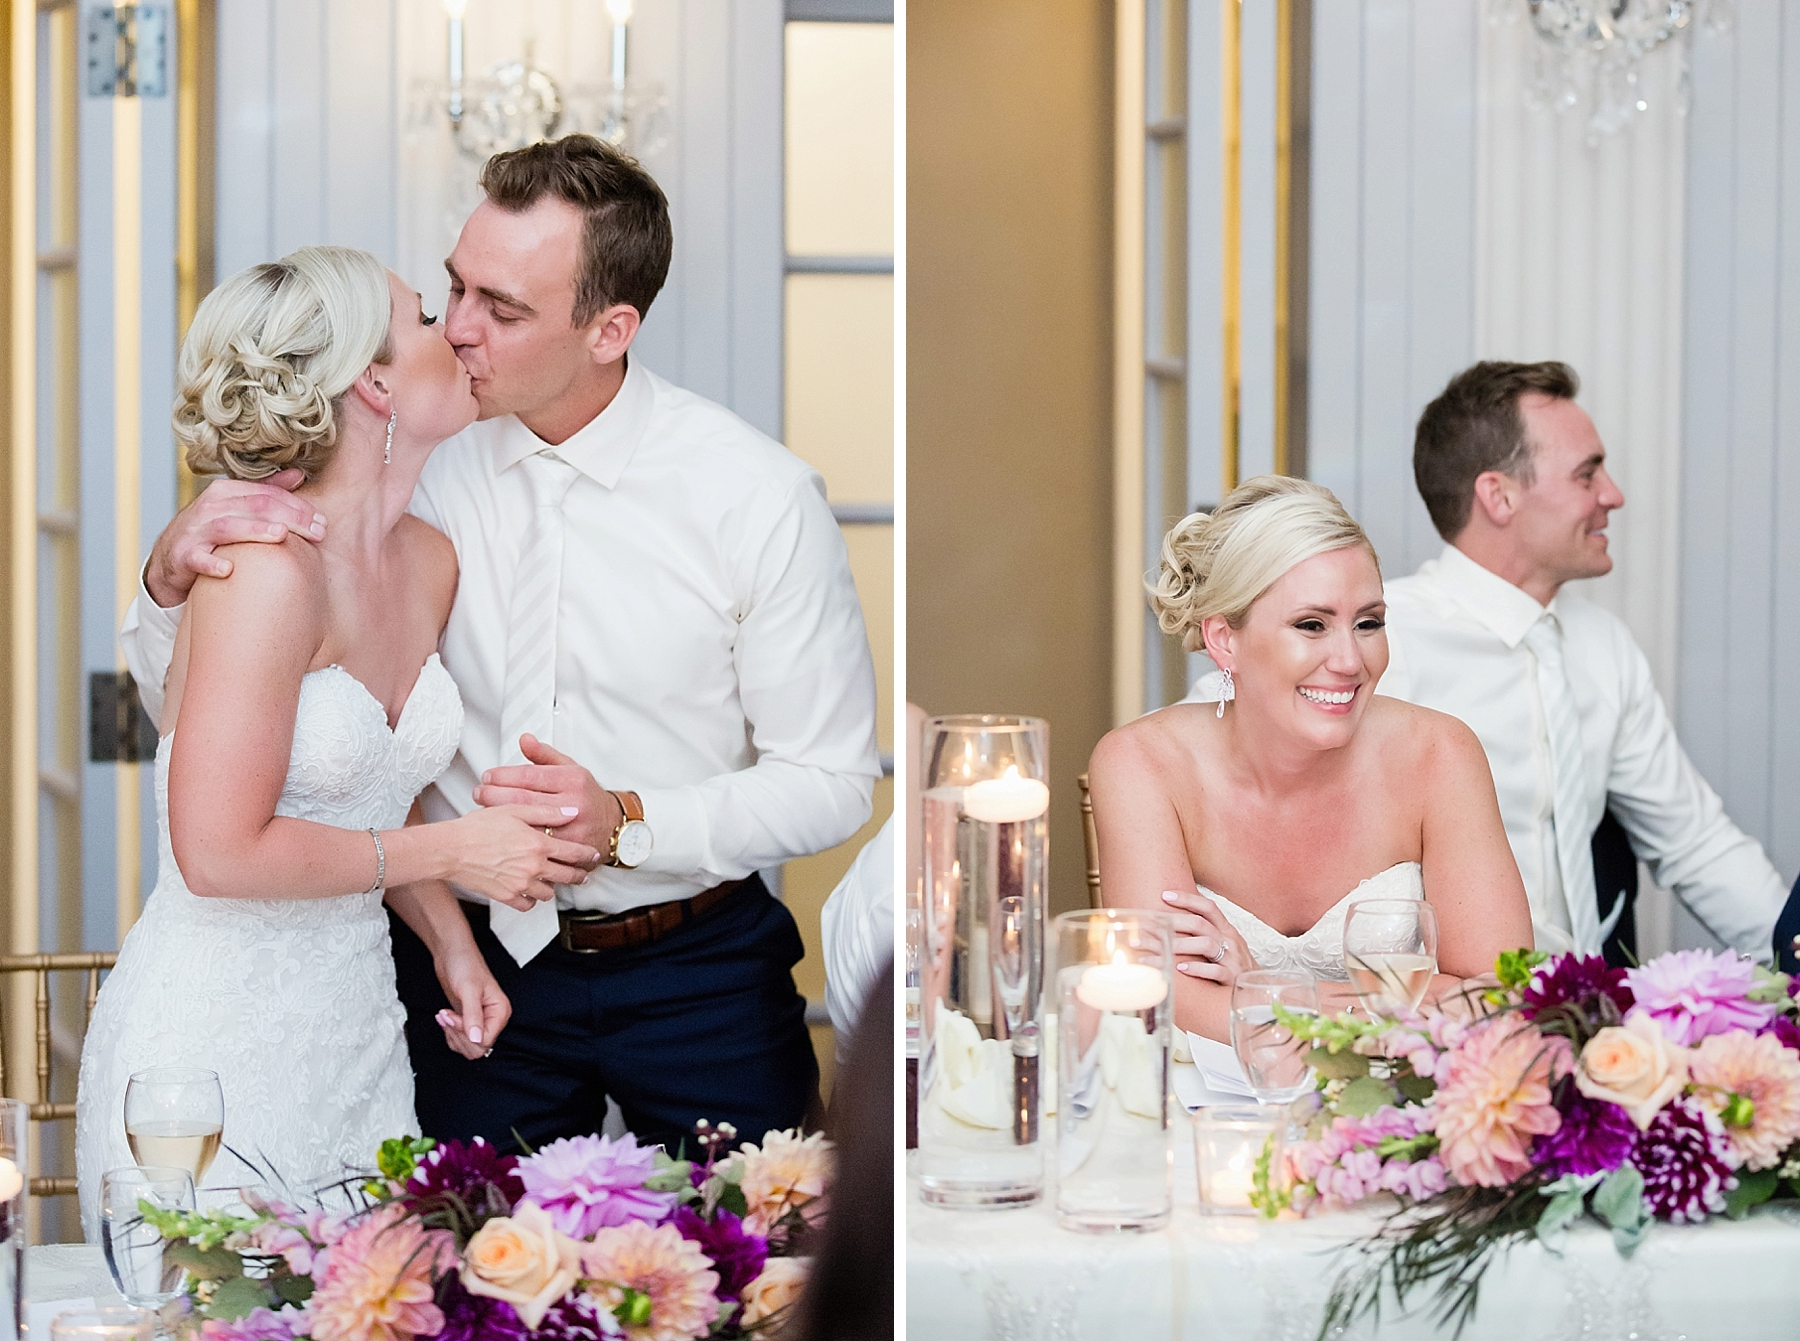 windsor-wedding-photographer-essex-golf-country-club-wedding-eryn-shea-photography_0081.jpg